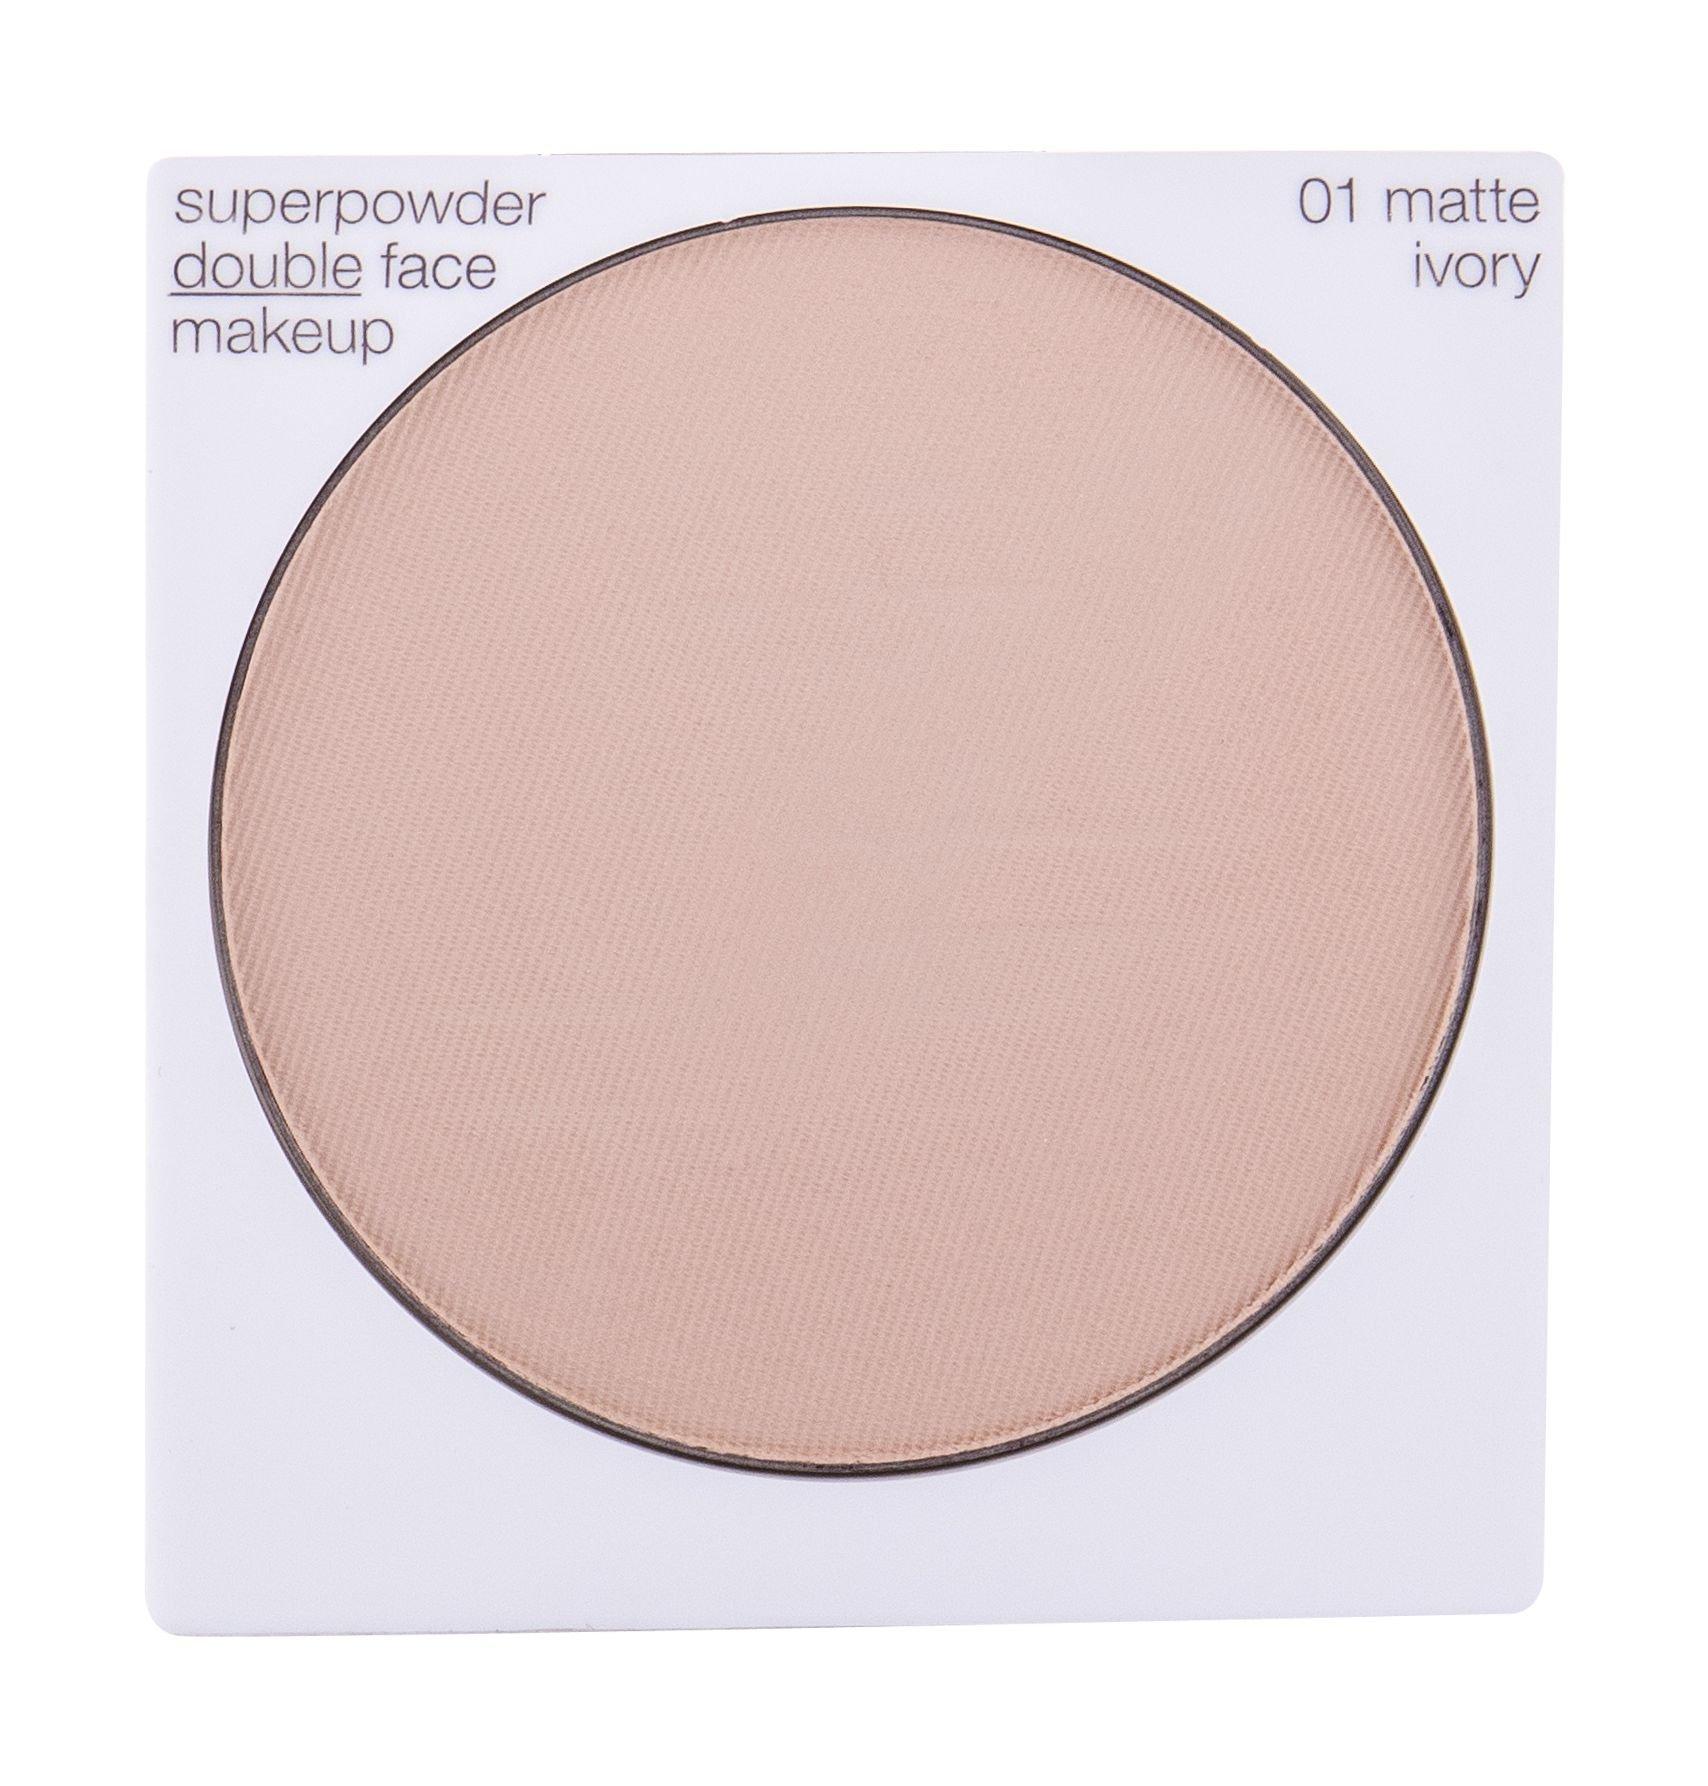 Clinique Superpowder Double Face Makeup Makeup 10ml 01 Matte Ivory